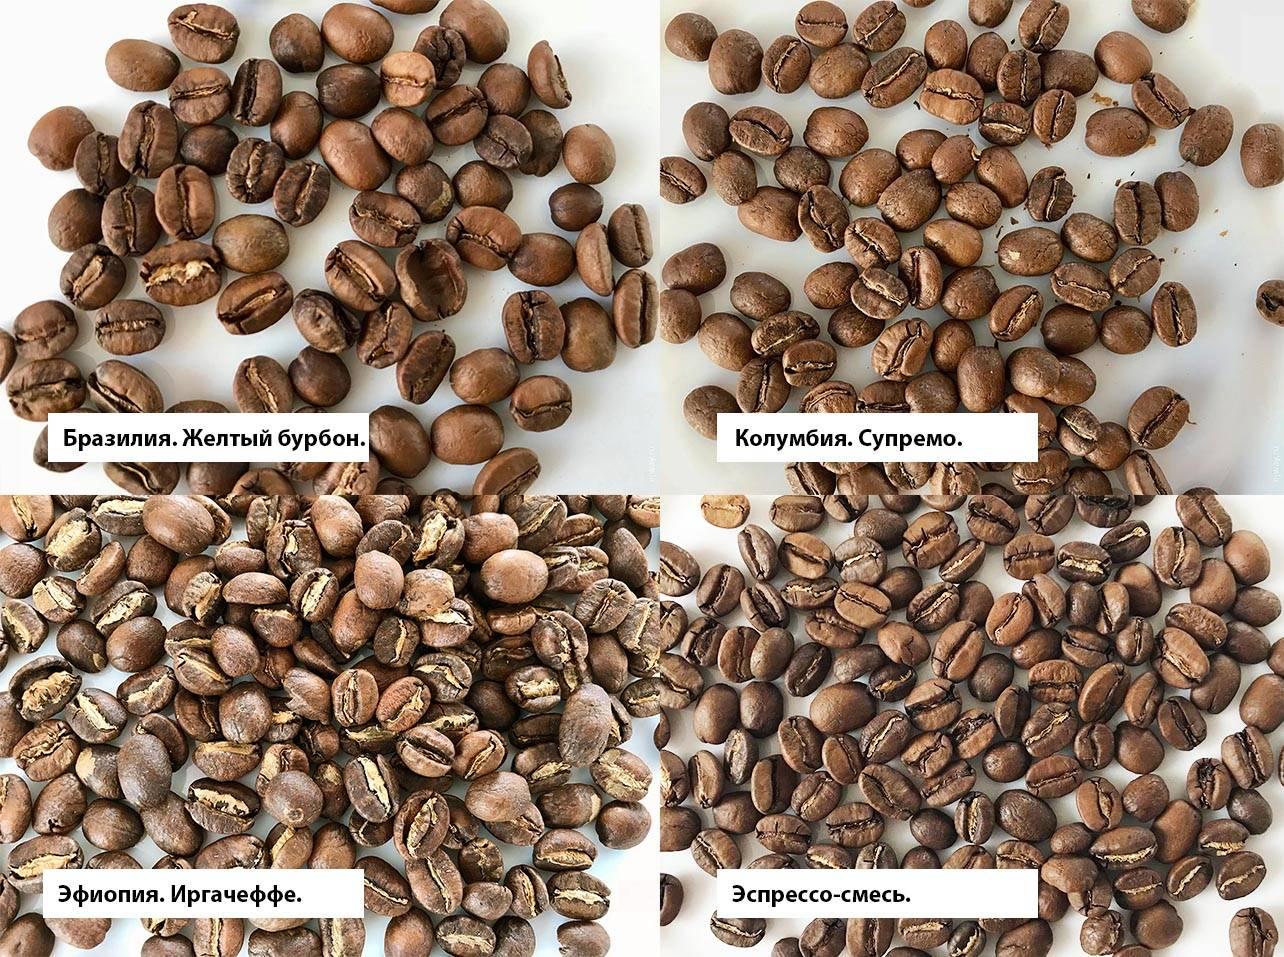 Филиппинский кофе: особенности, виды, сорта, известные марки